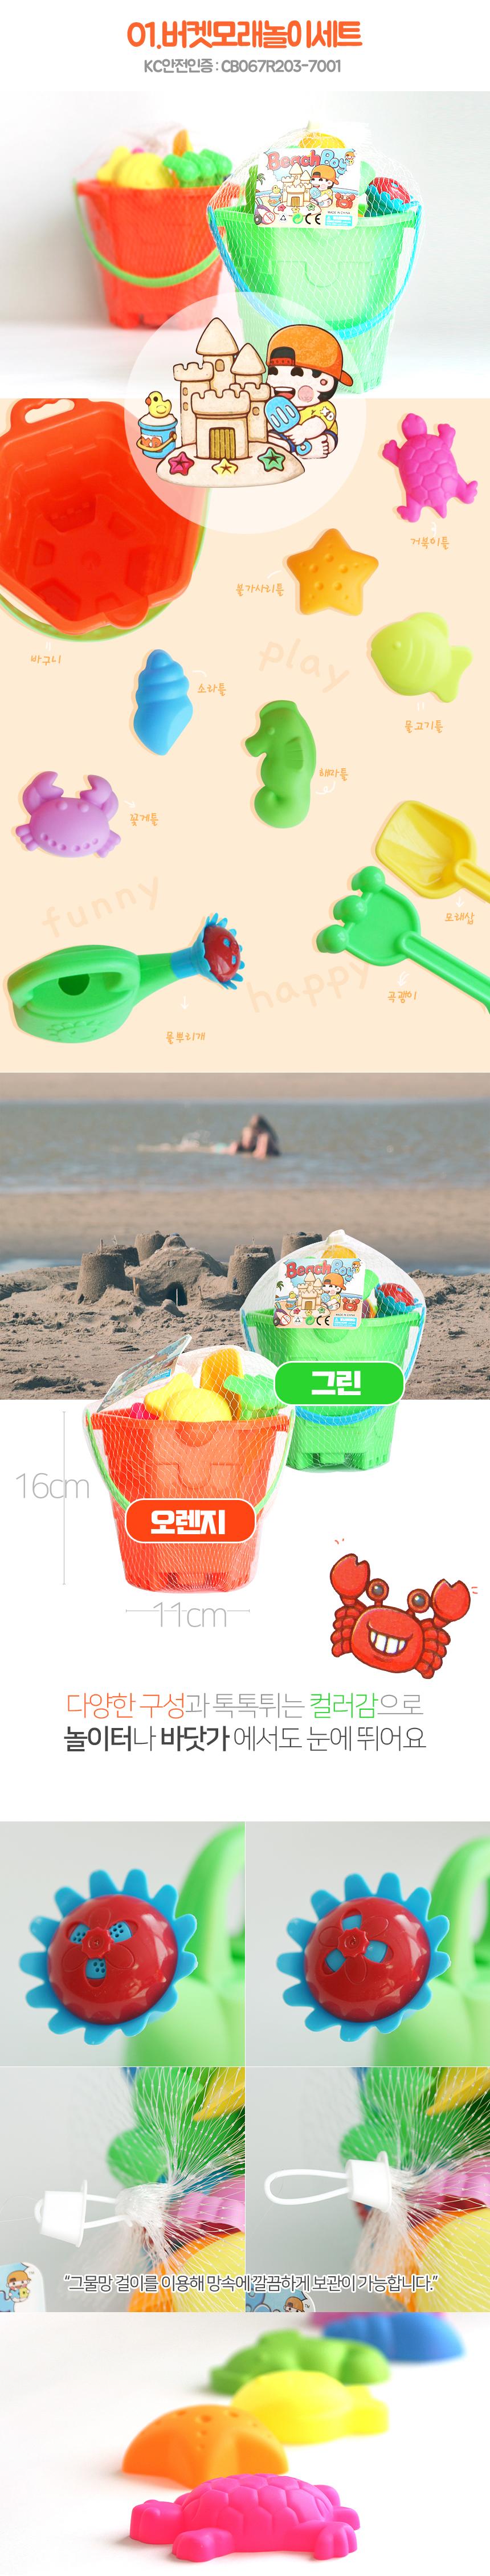 sandplayset1.jpg